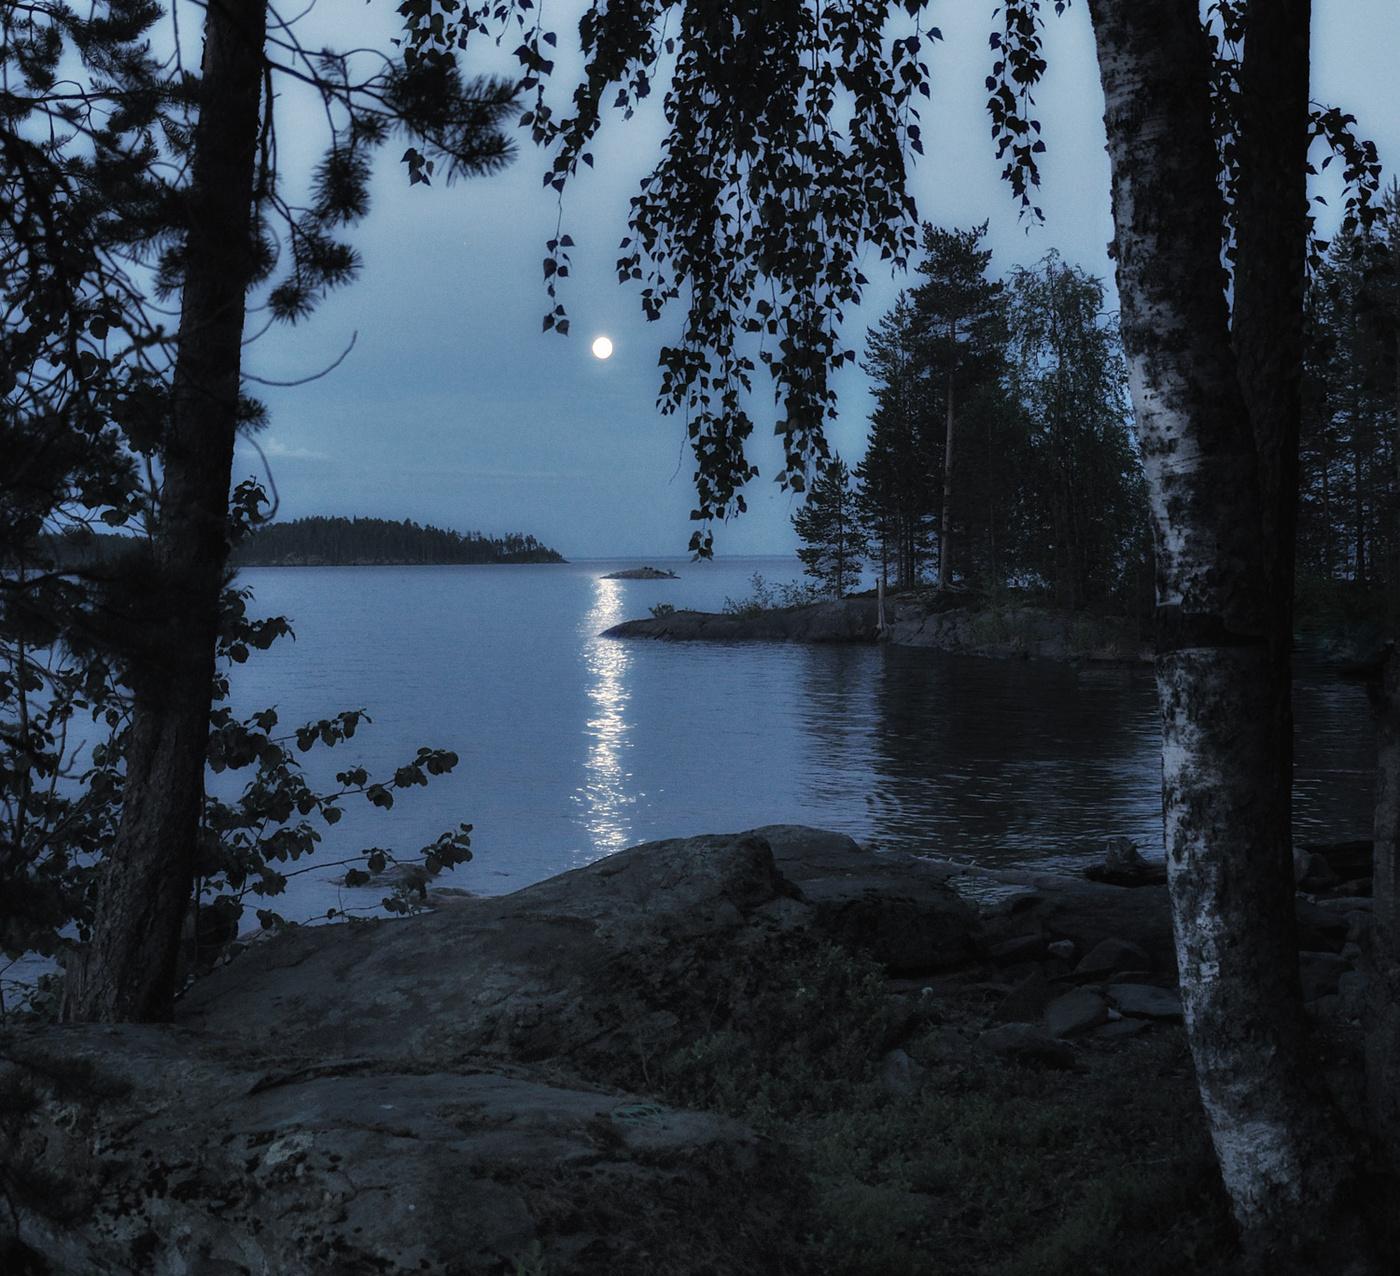 Фотографии озера маркаколь в казахстане столь малой